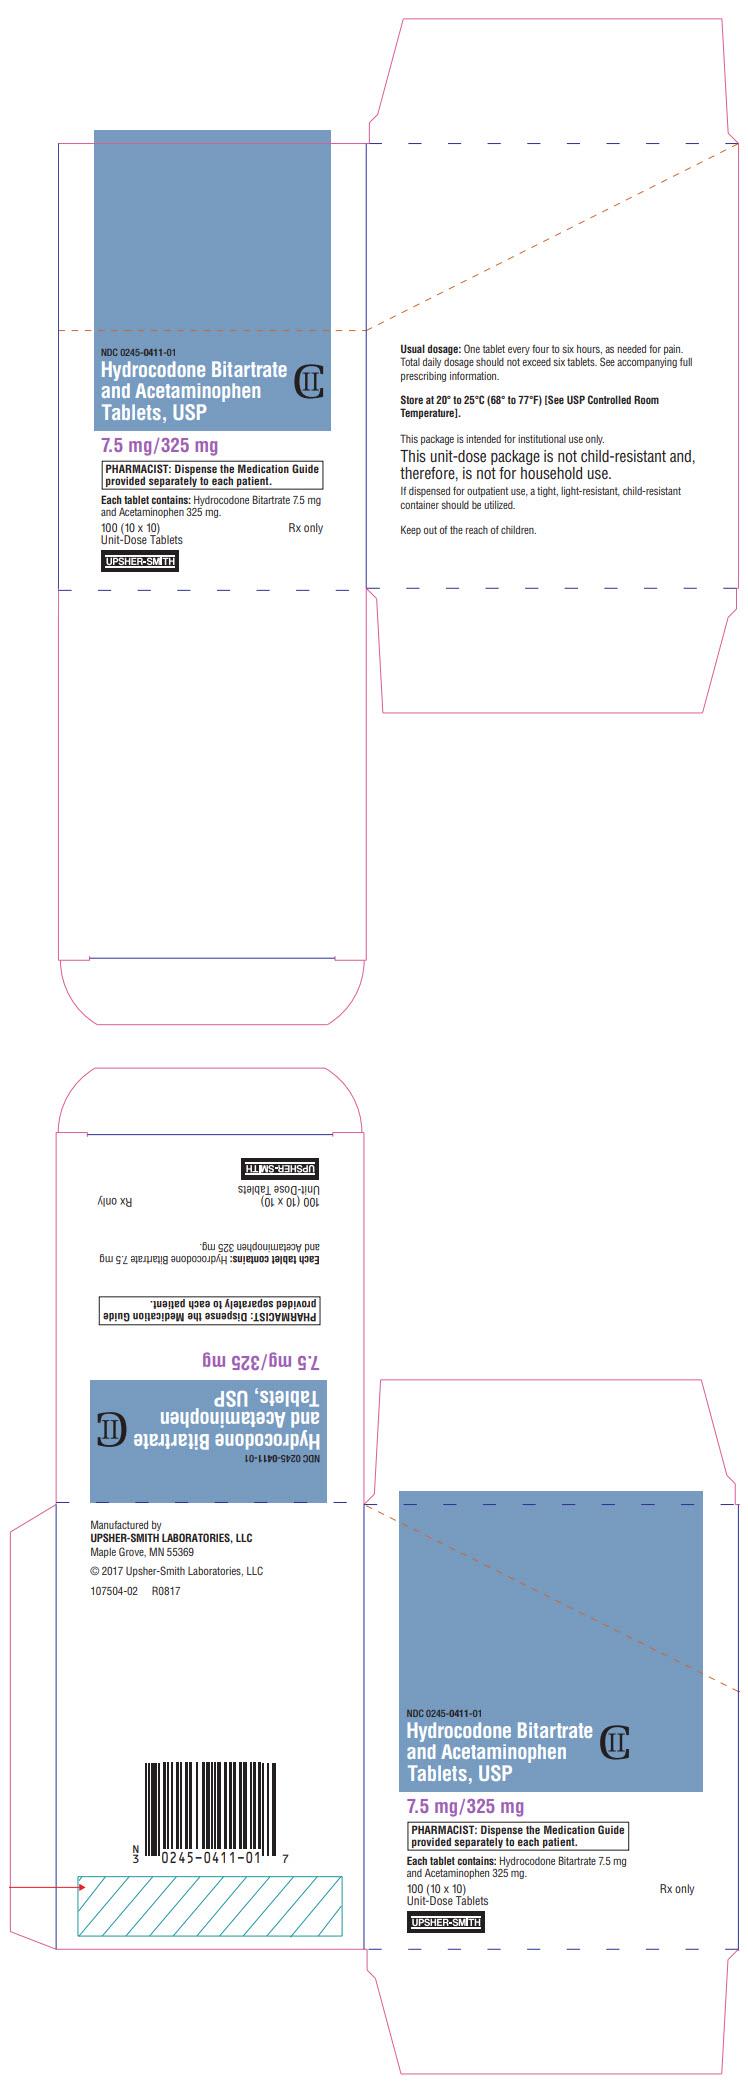 PRINCIPAL DISPLAY PANEL - 7.5 mg/325 mg Tablet Blister Pack Carton